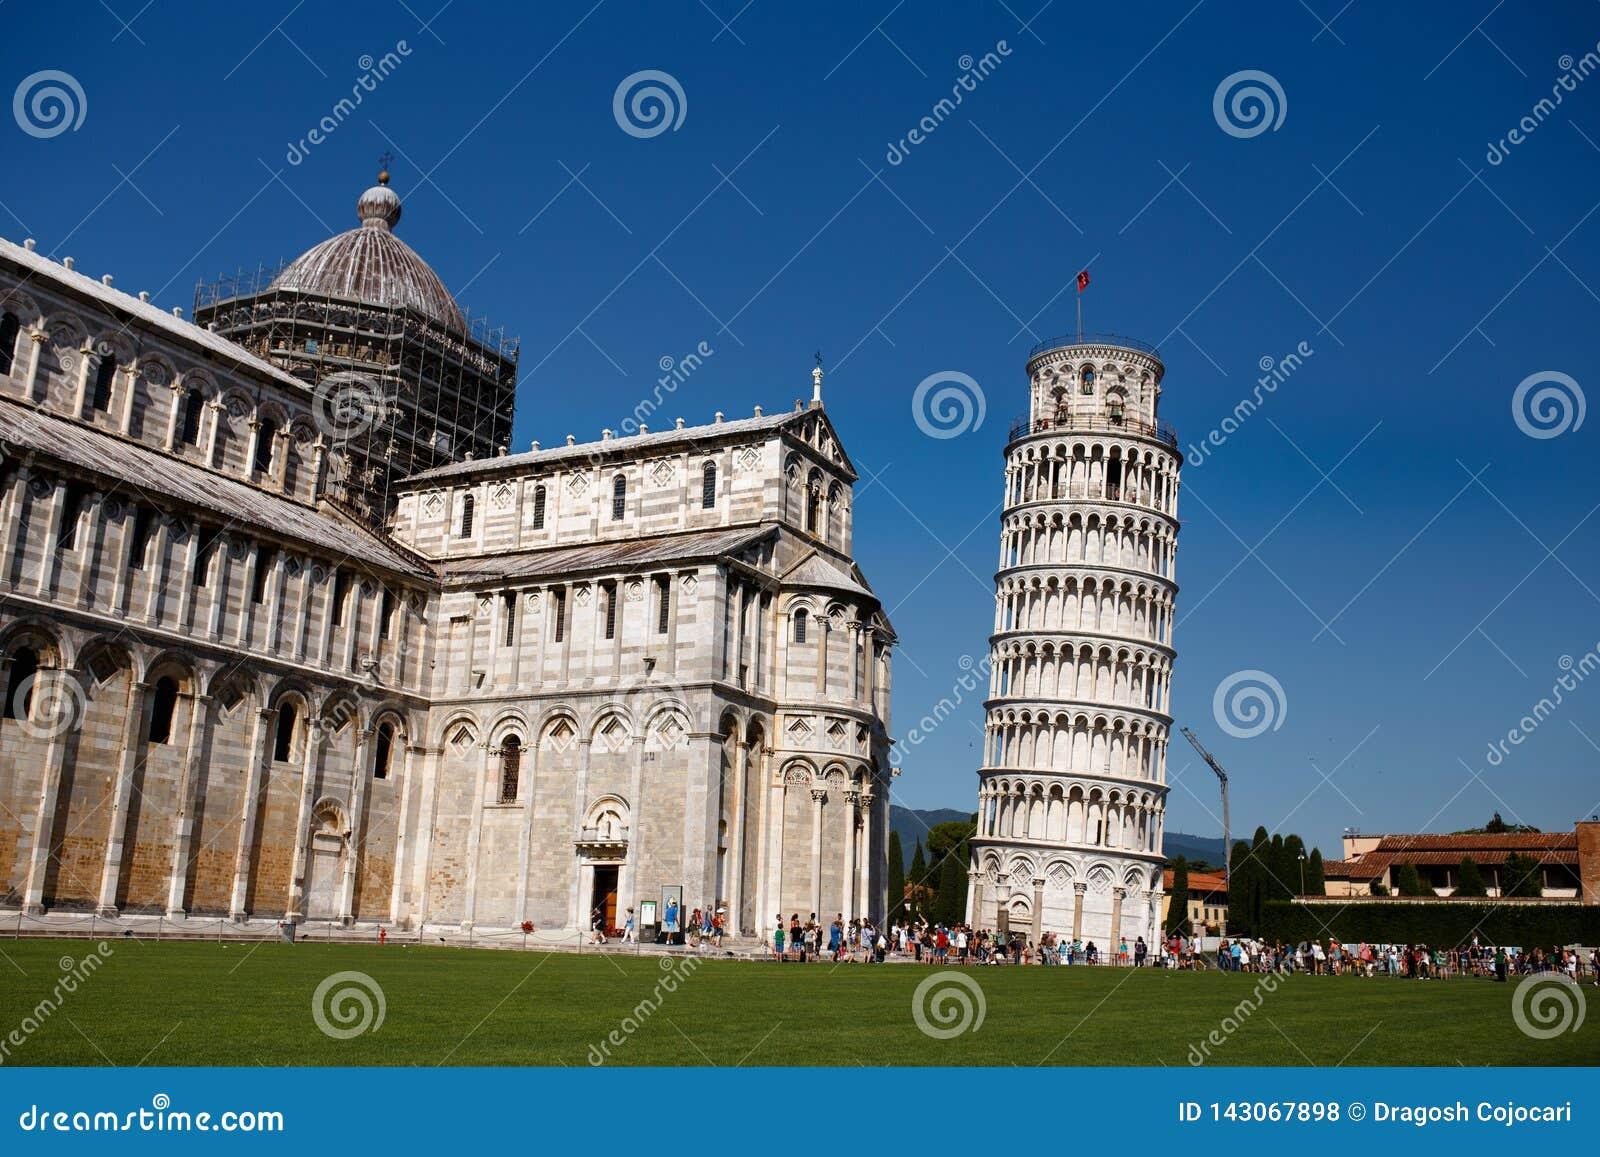 比萨,意大利一座斜塔的看法  艺术性的详细埃菲尔框架法国水平的金属巴黎仿造显示剪影塔视图的射击